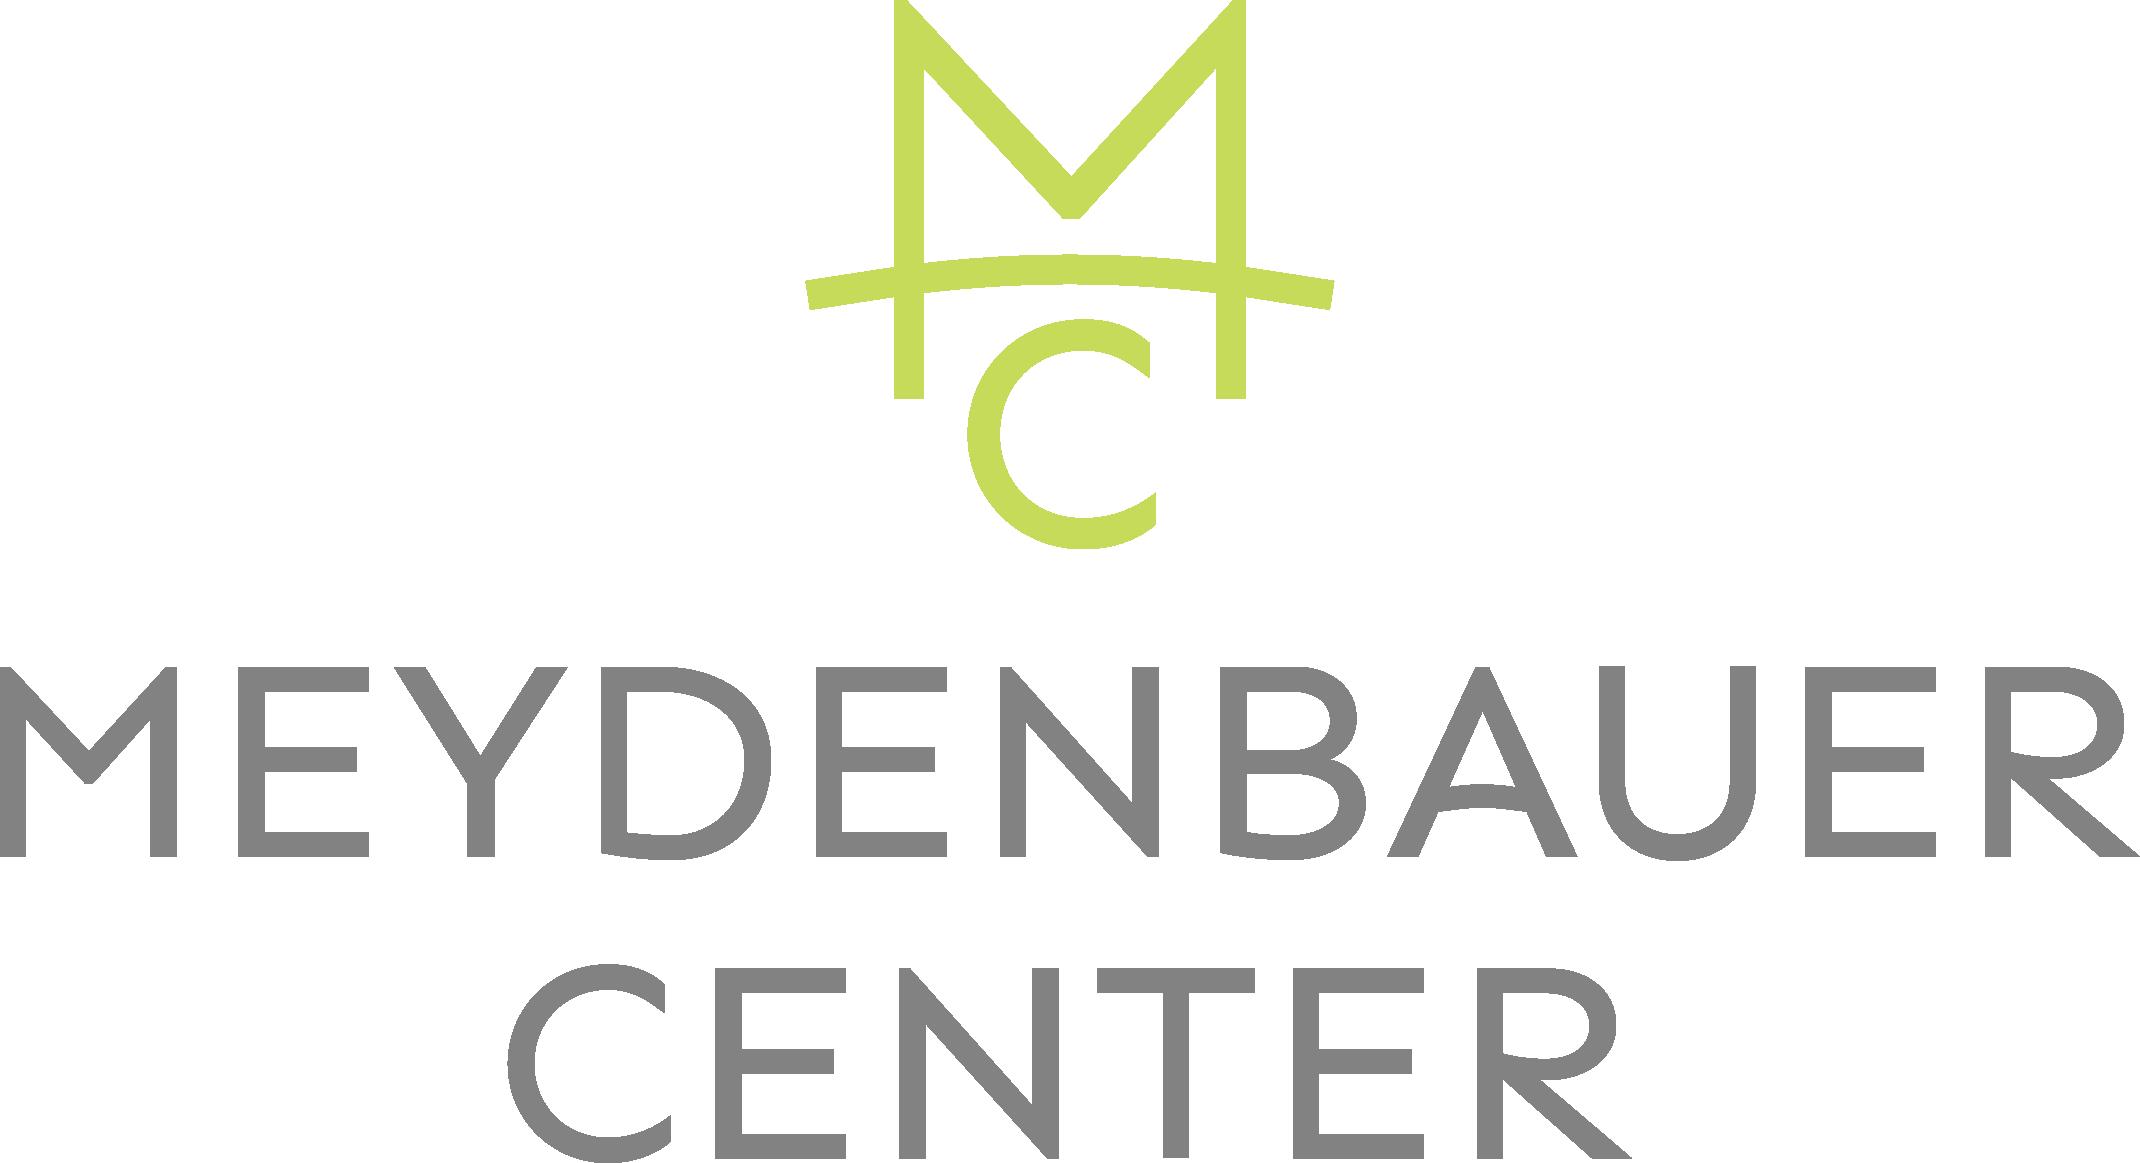 Meydenbauer_CMYK.png